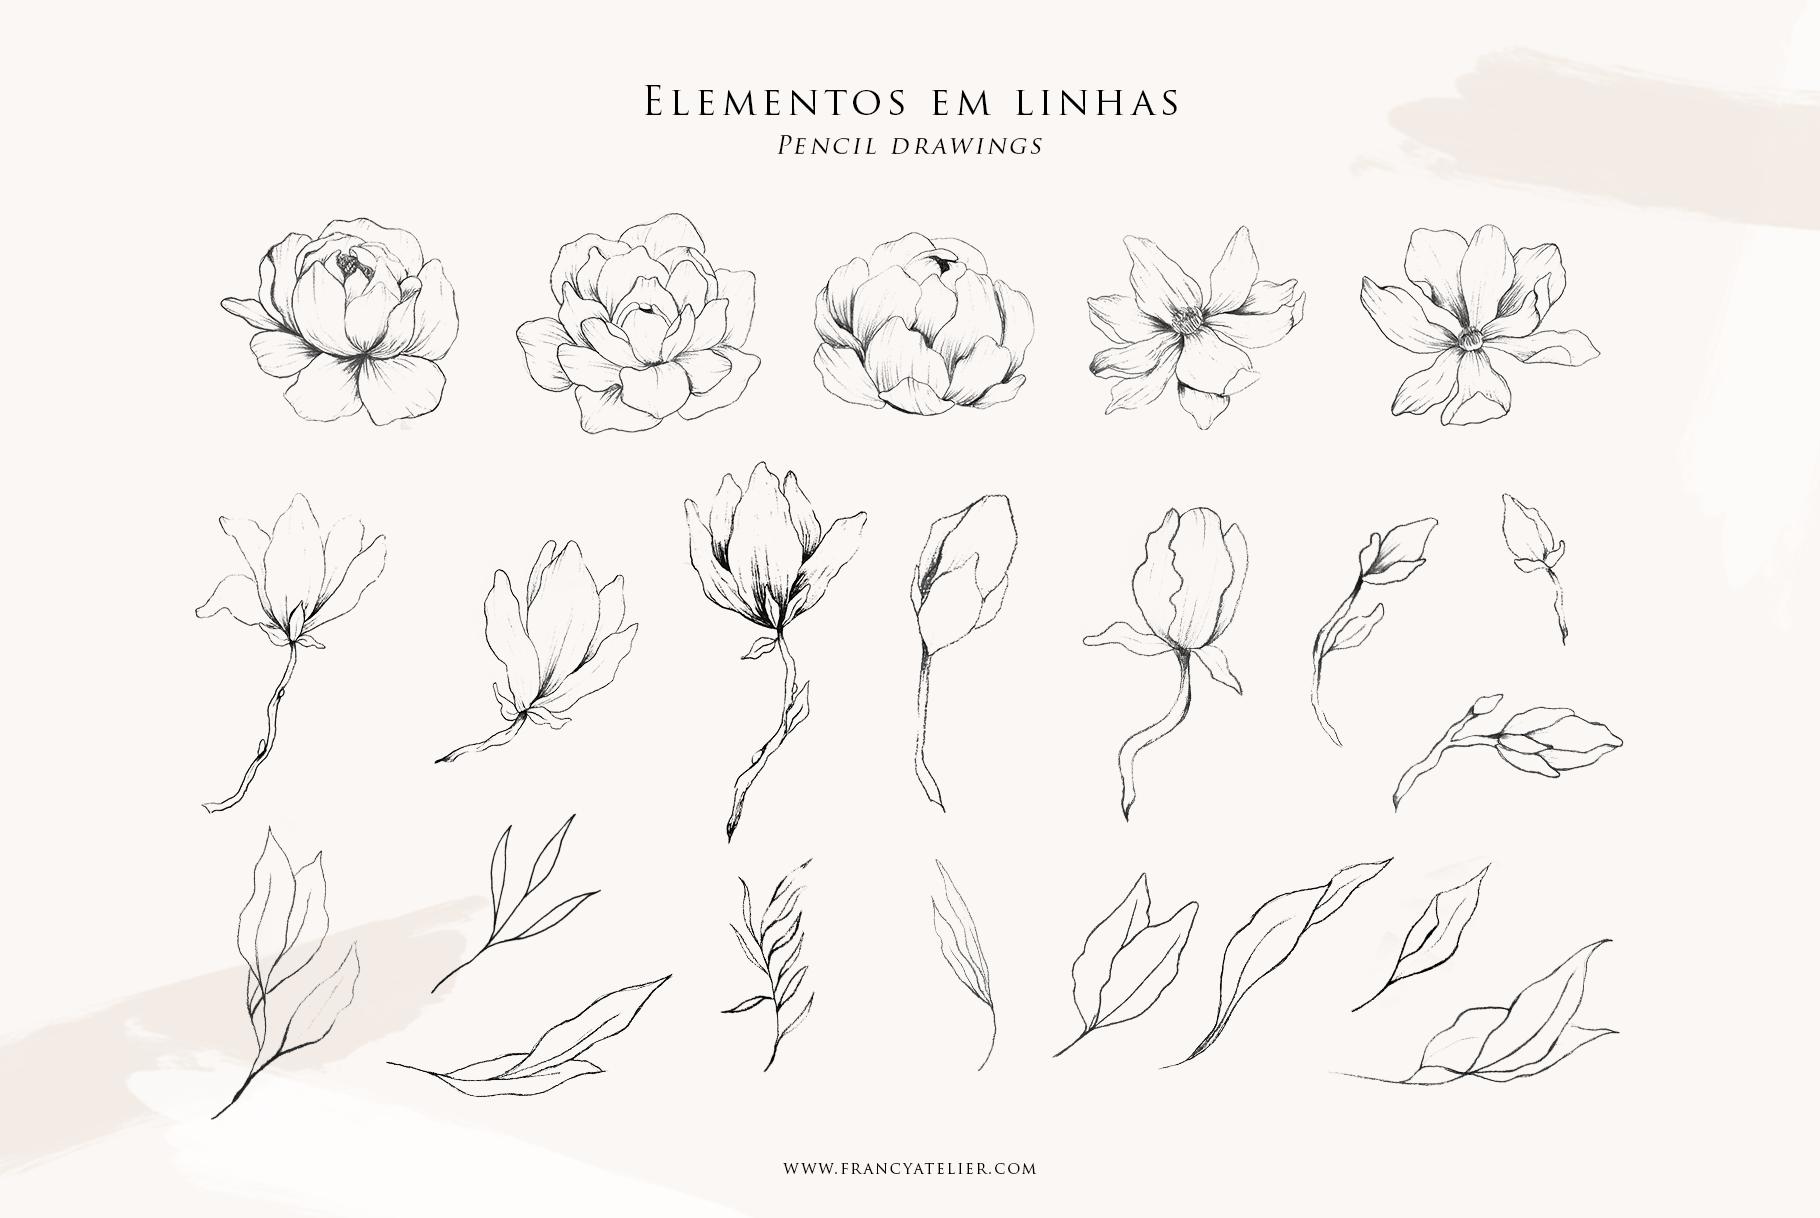 Coleçao Amor Eterno - elementos soltos em linhas